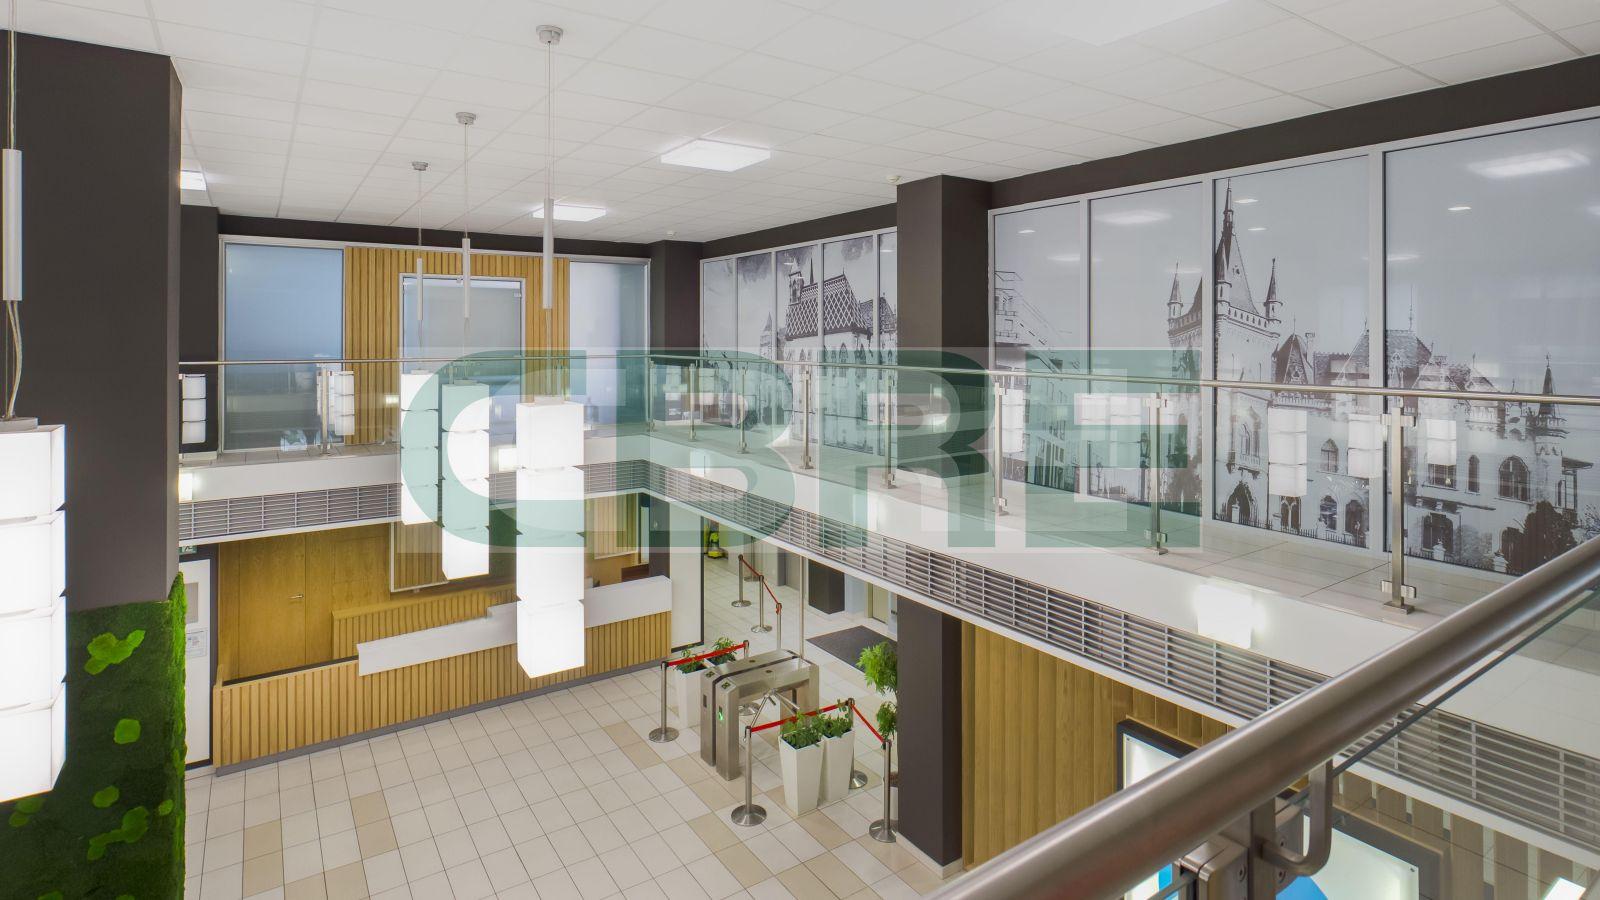 BCM BUSINESS CENTER MOLDAVSKÁ, Košice, Košice - Staré Mesto | Offices for rent by CBRE | 3